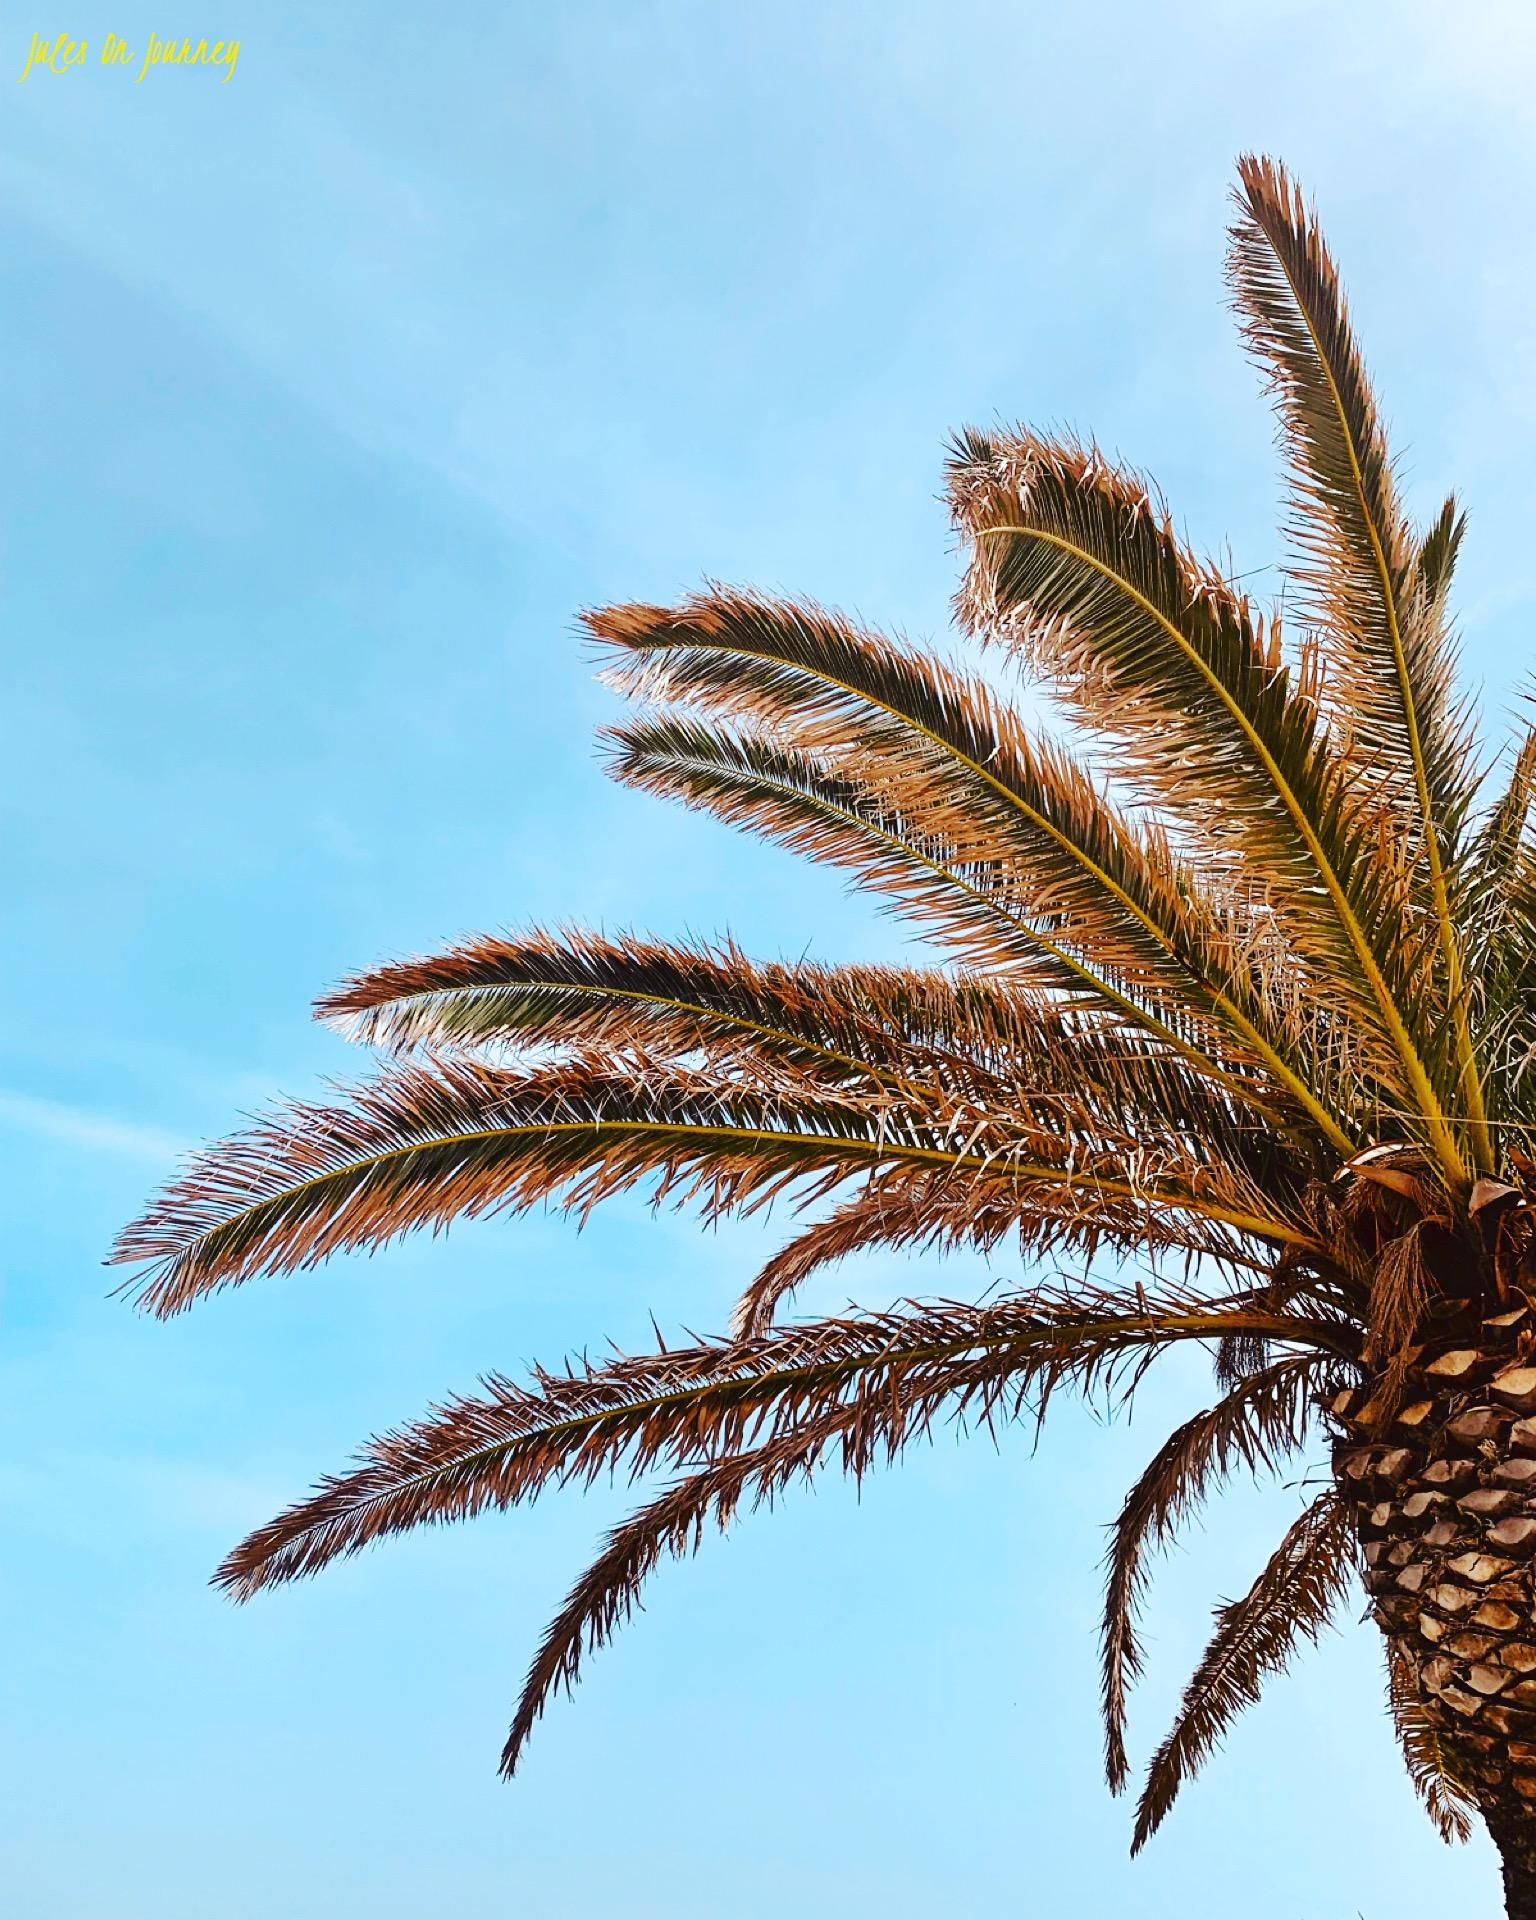 Die Straße am Petto Beach ist gesäumt von Palmen.